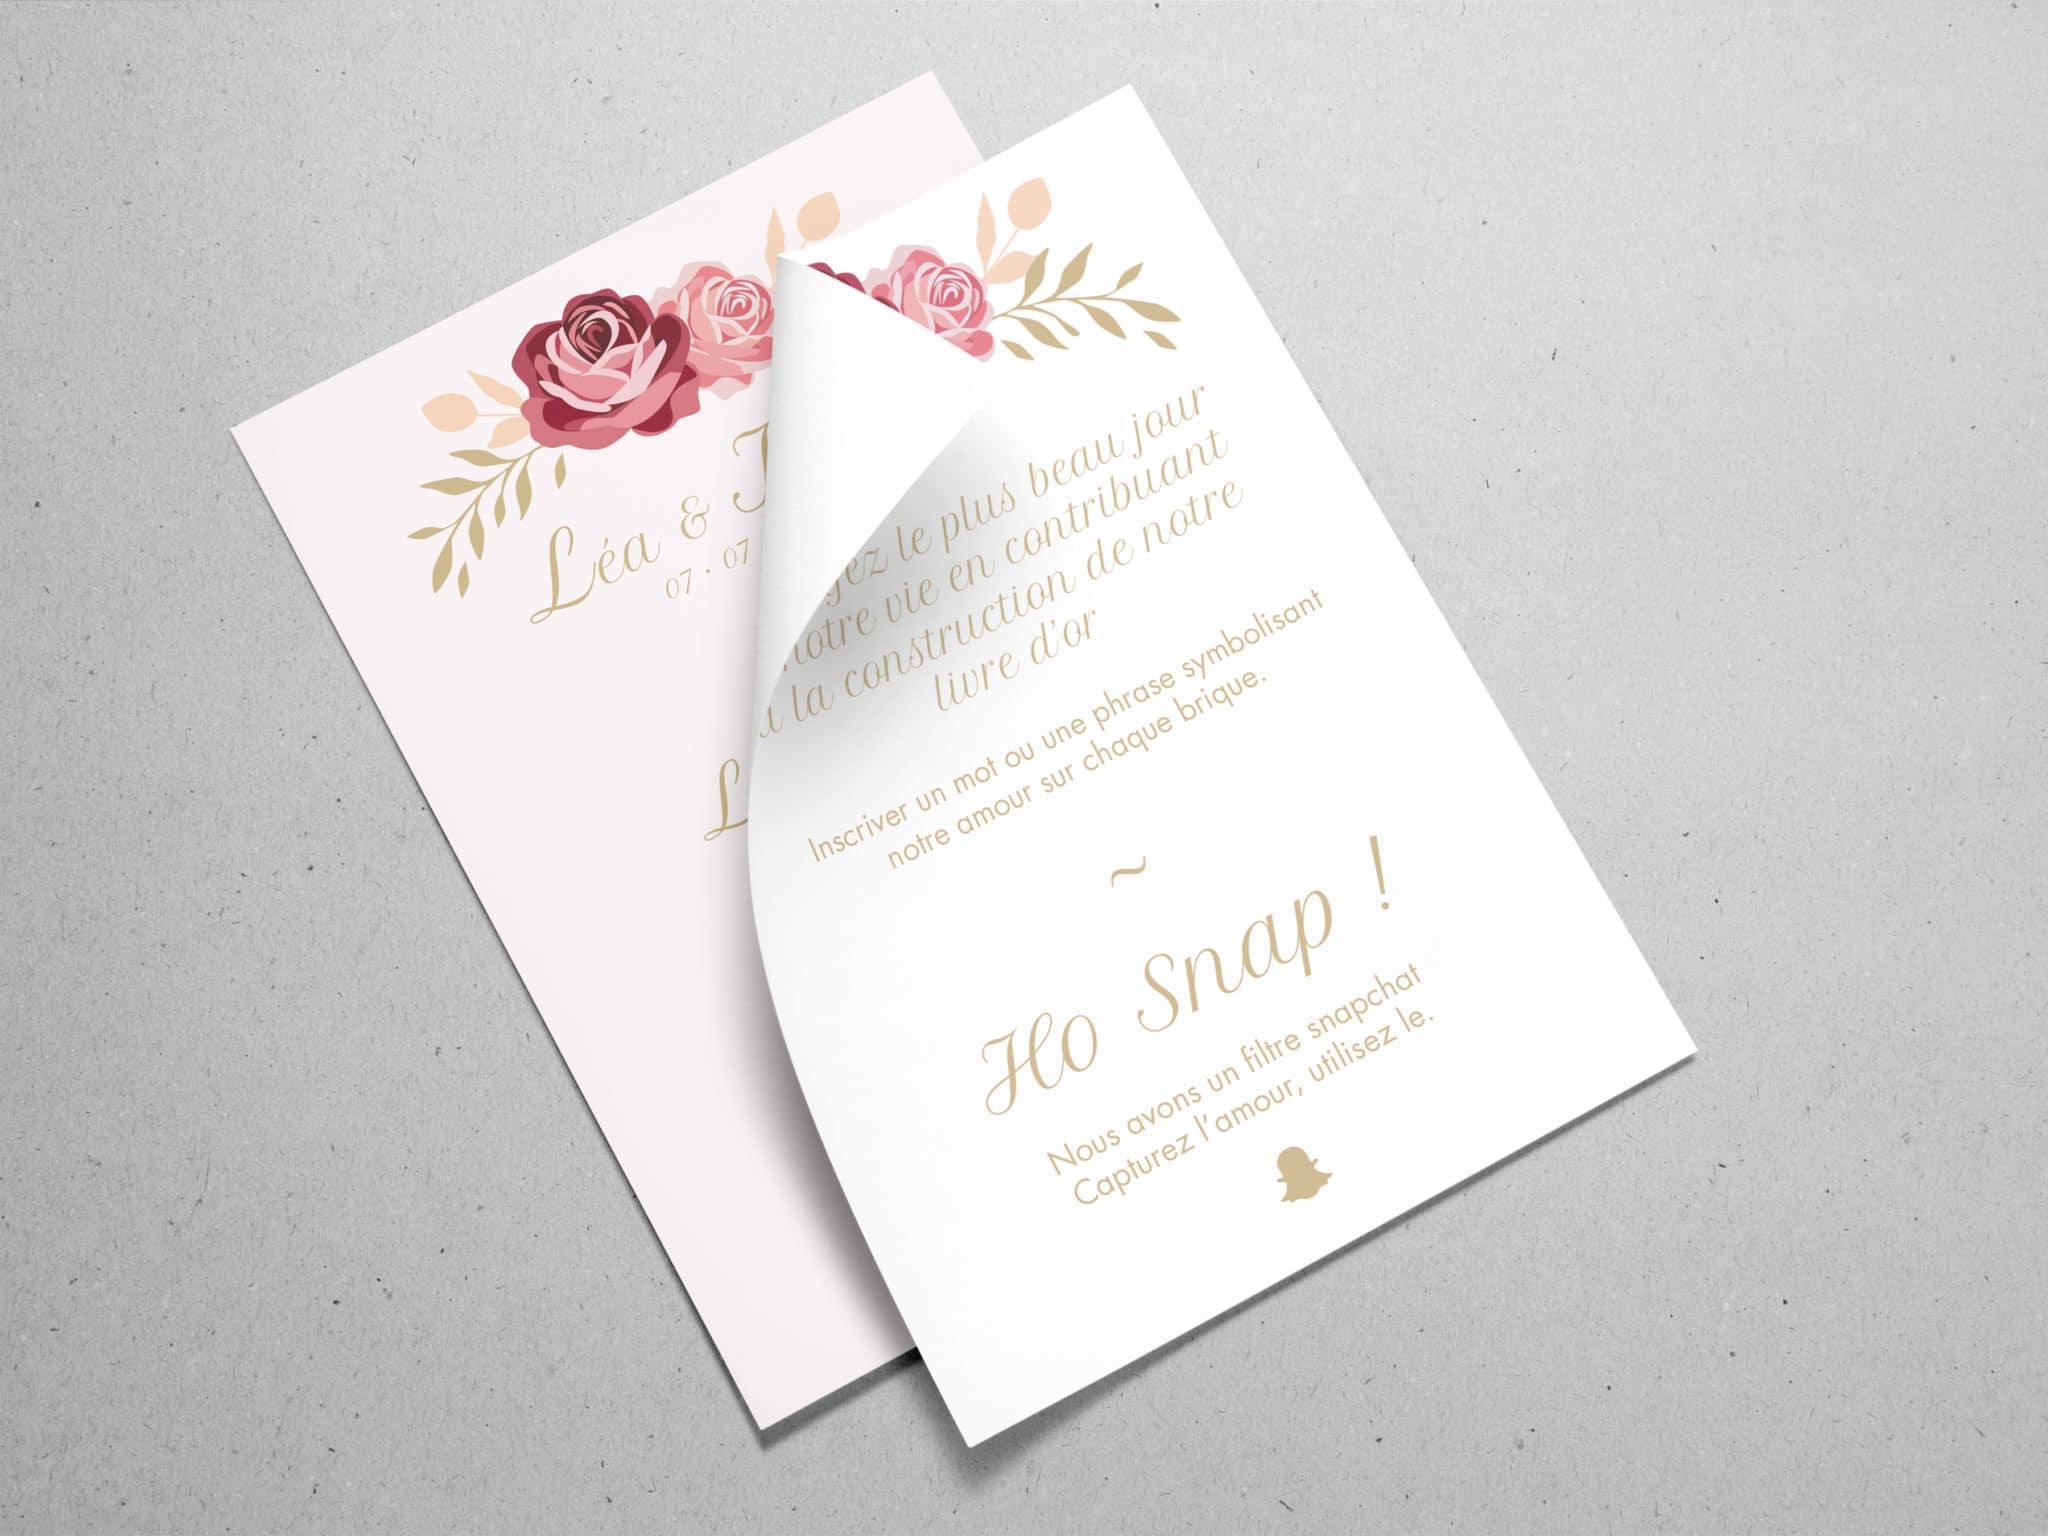 Mise en situation des flyer pour le mariage de Kevin et léa